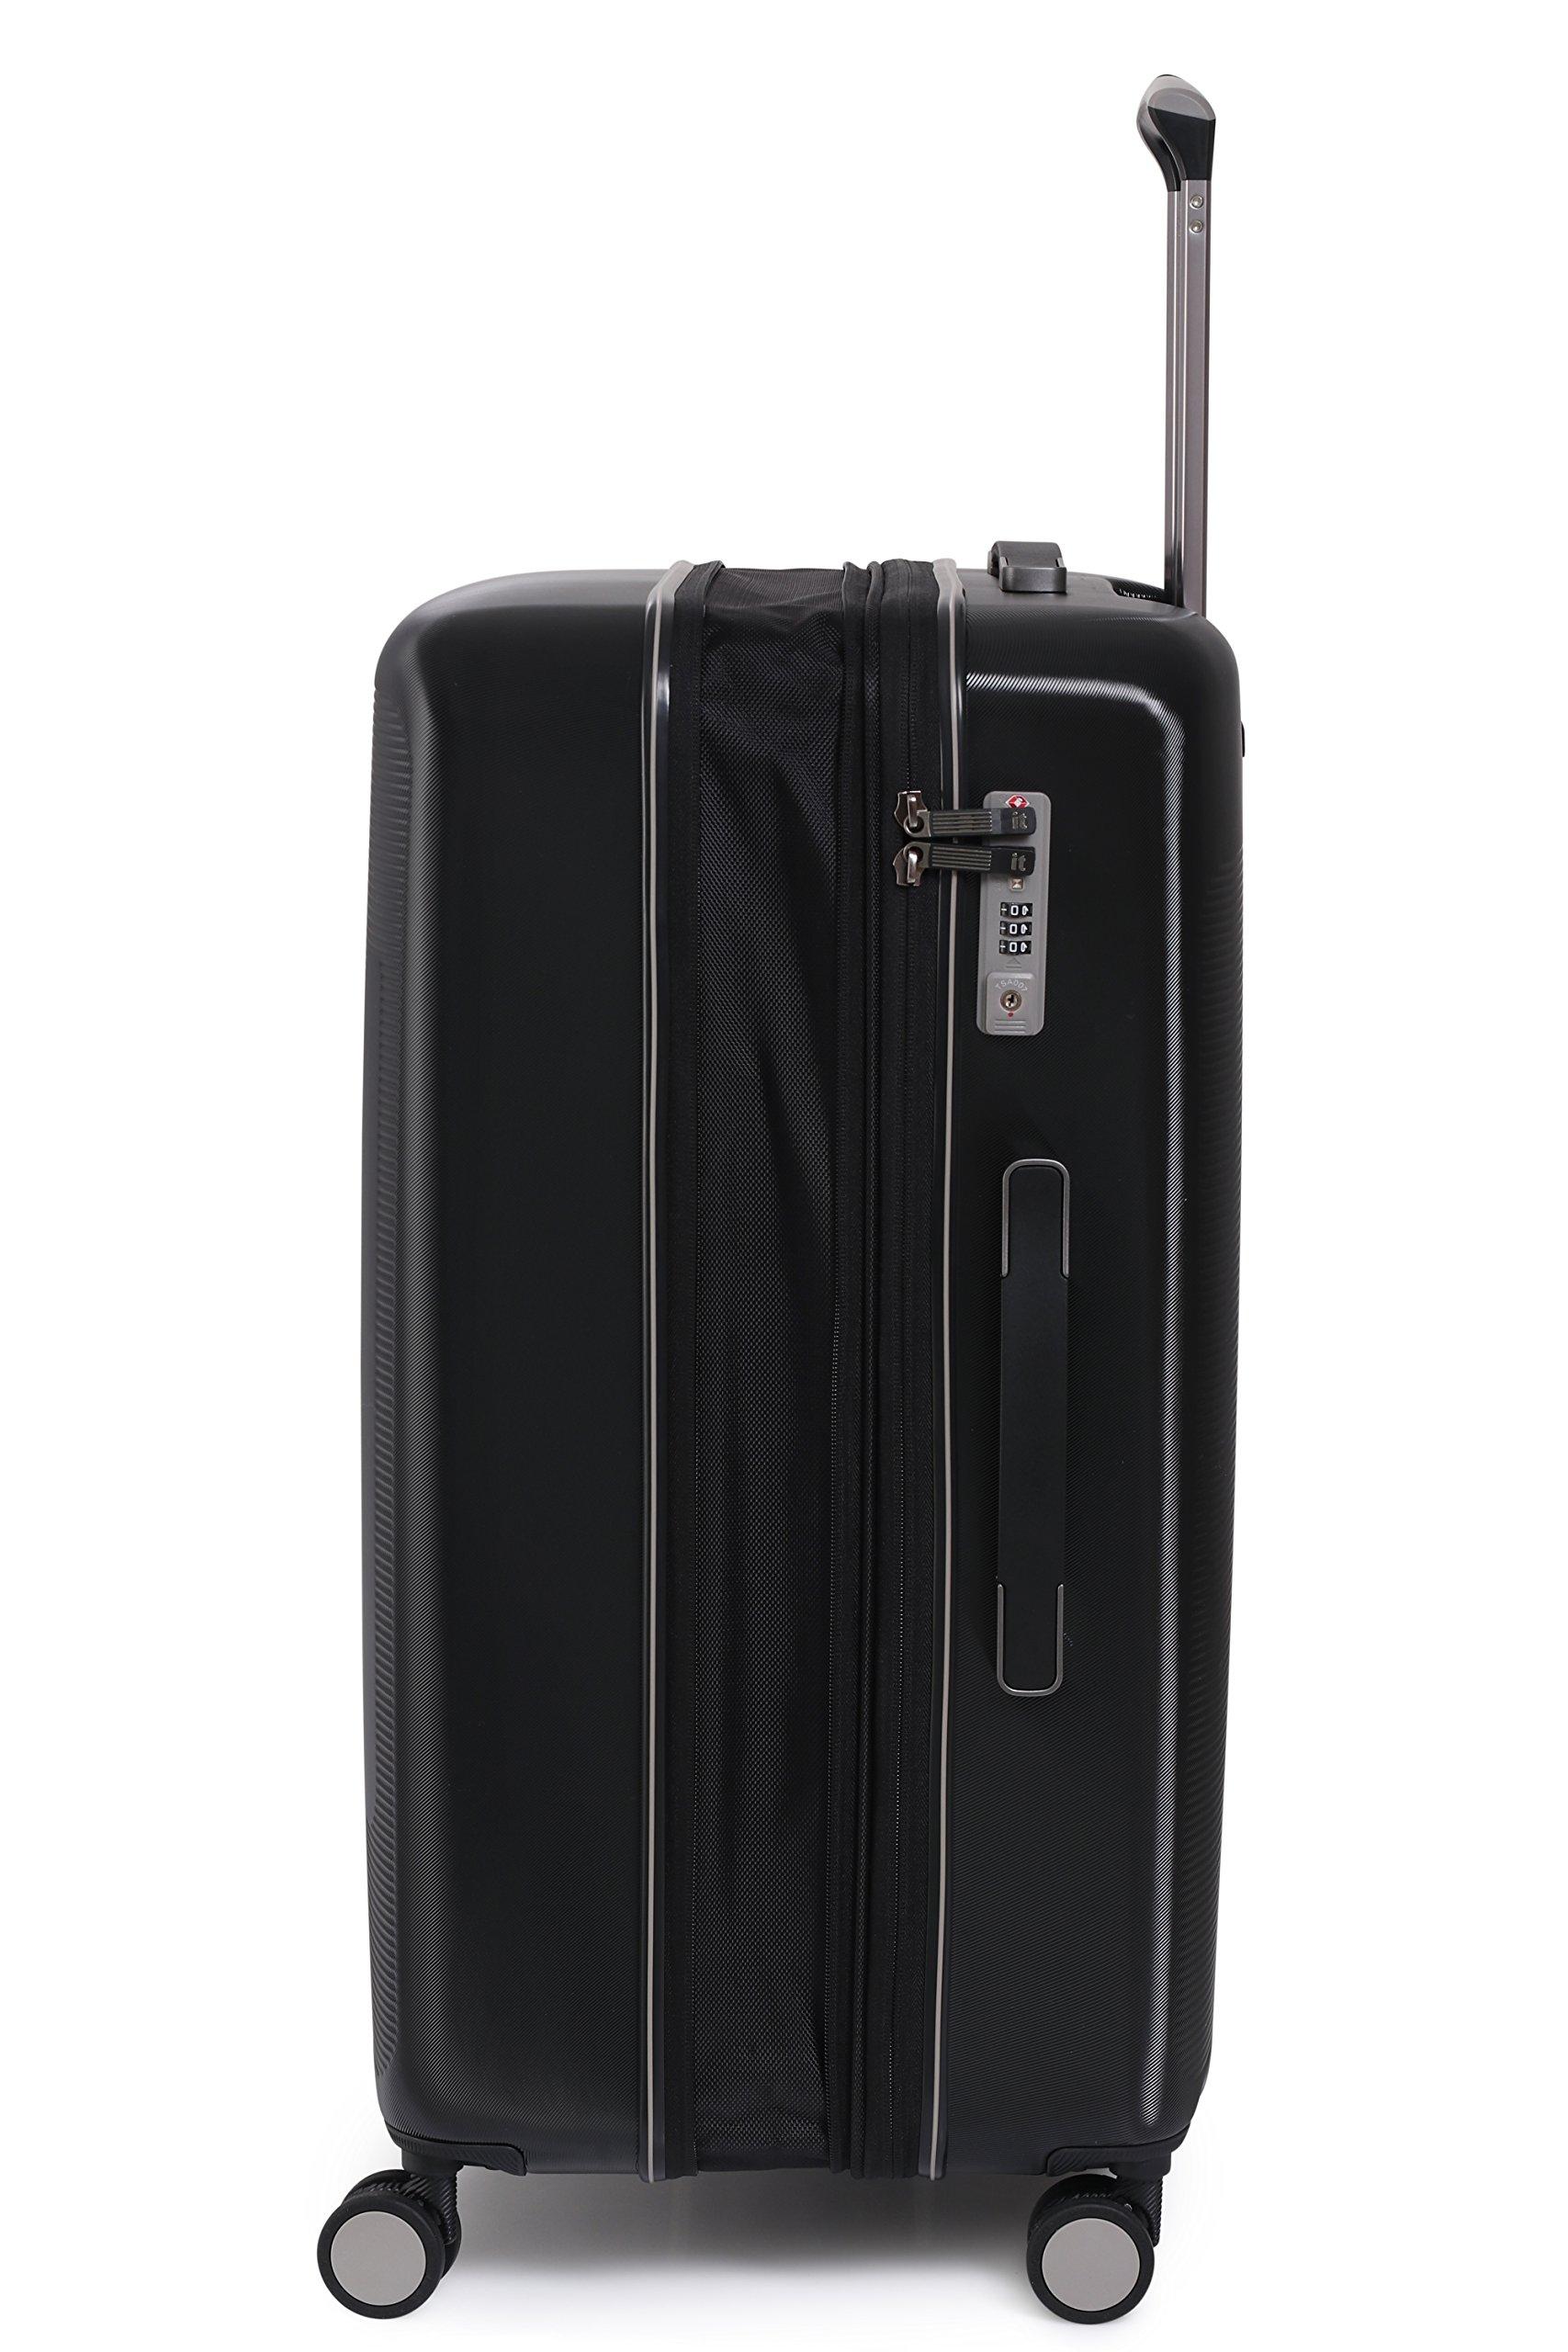 0234826868 It Luggage Signature 8 Wheel Hard Shell Single Expander Suitcase with TSA  lock